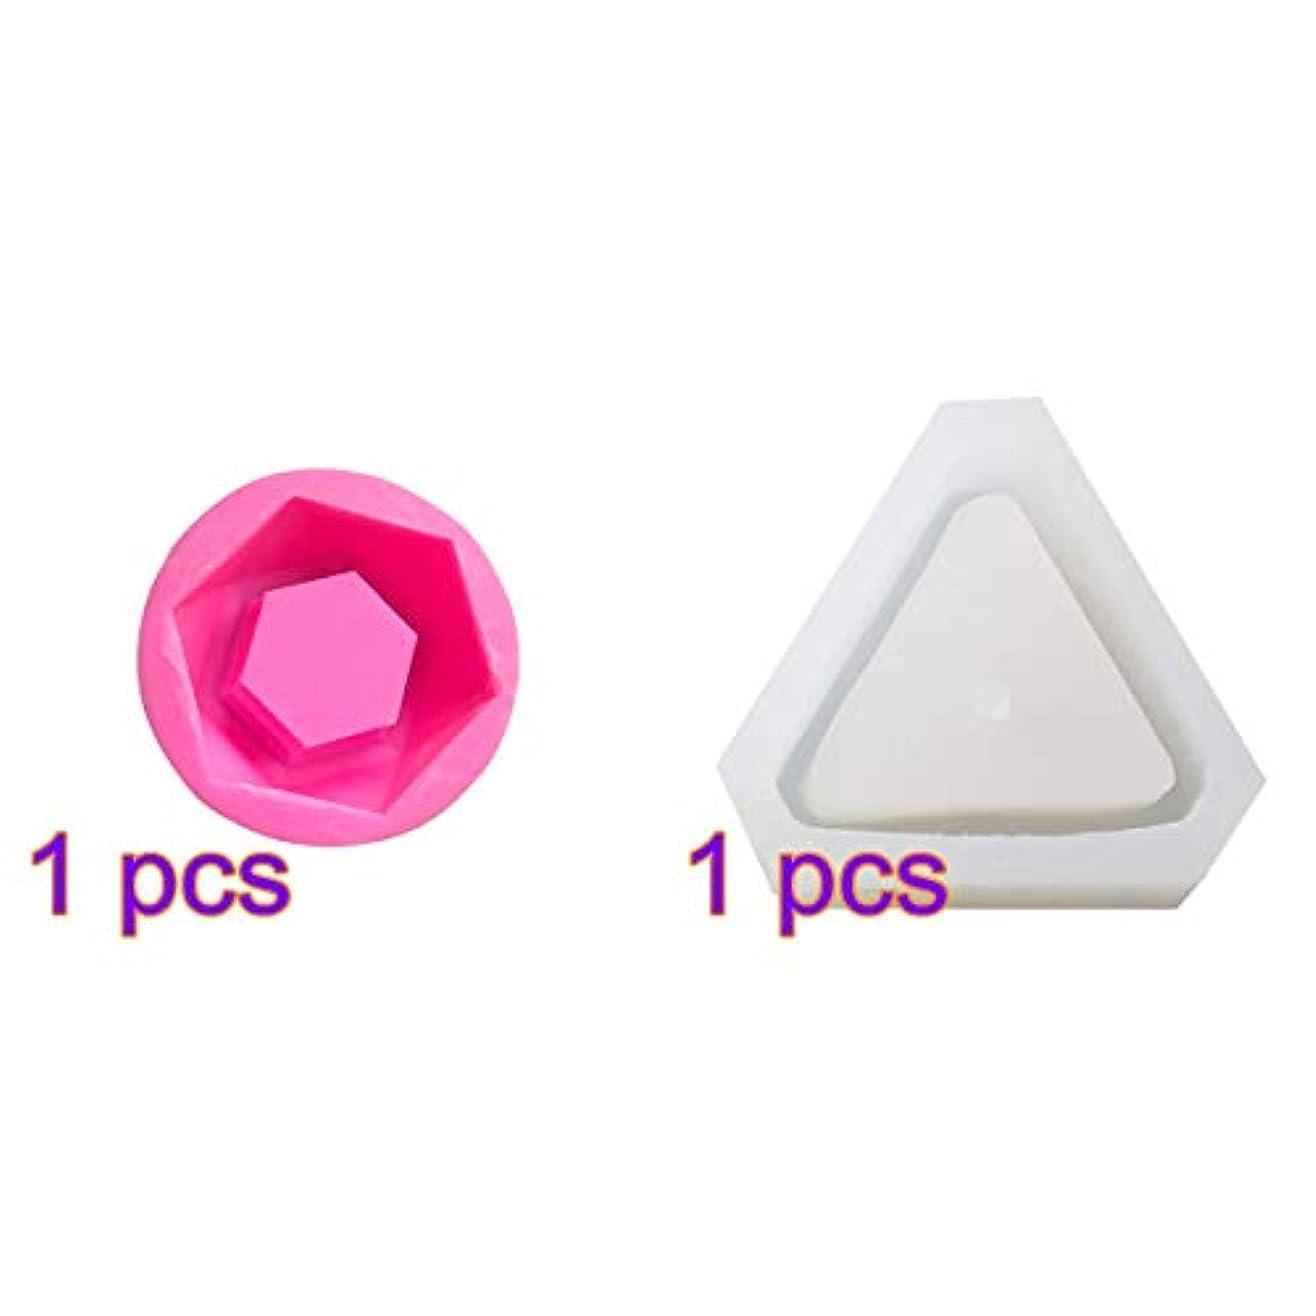 助言磁器シャイニングSUPVOX シリコーン金型多肉植物植物セメントプランター金型ホームインテリア(三角形+ダイヤモンド)